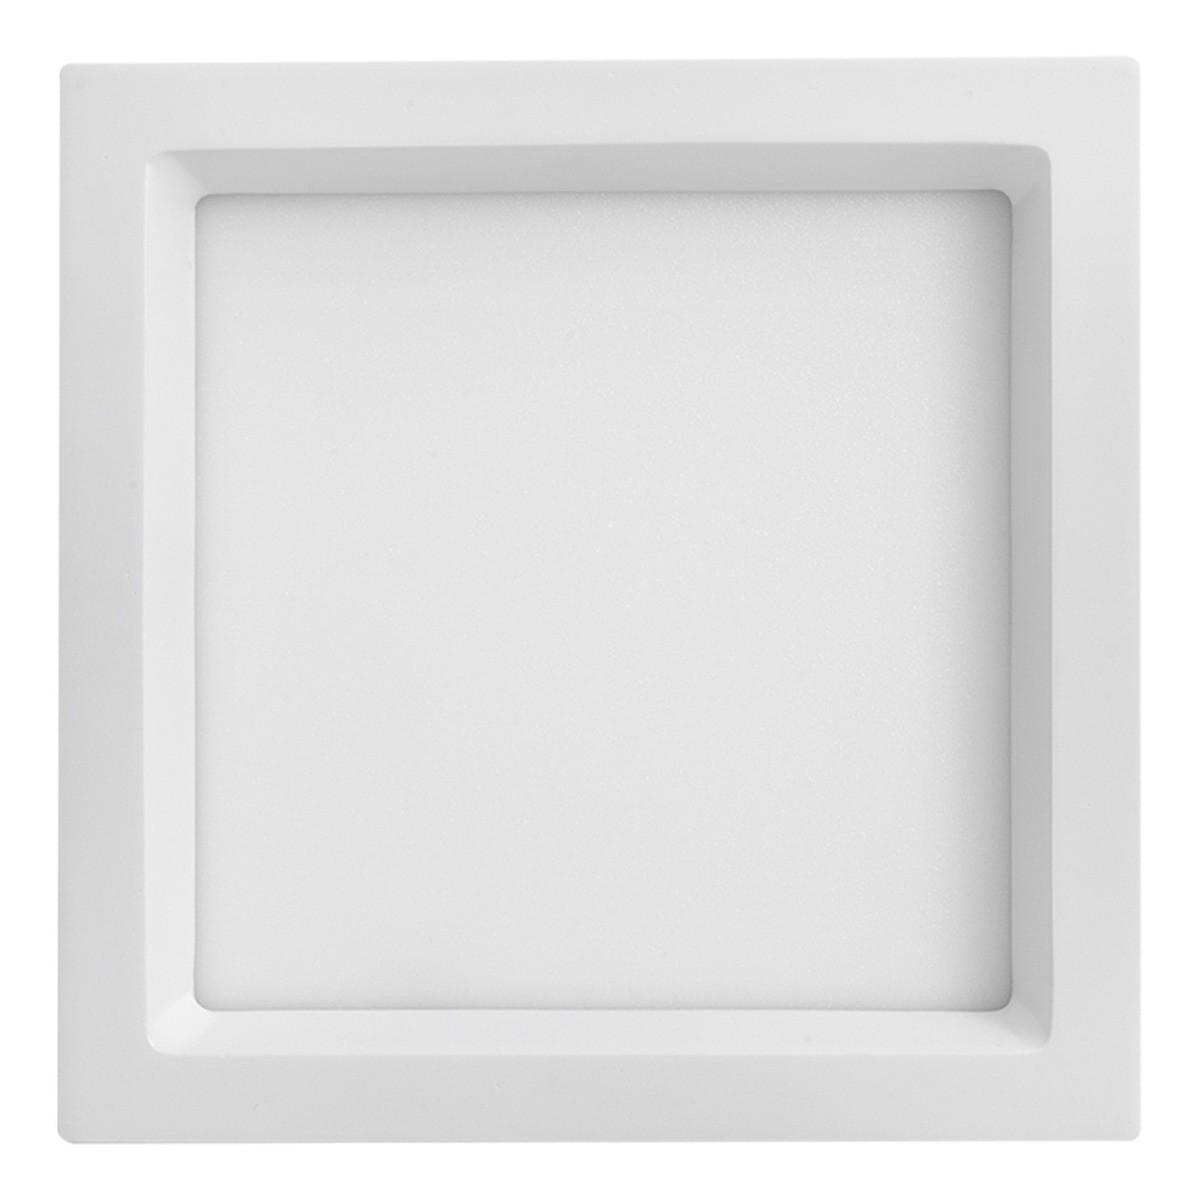 Painel Led Embutir Recuado 18w Quadrado 3000k Branco